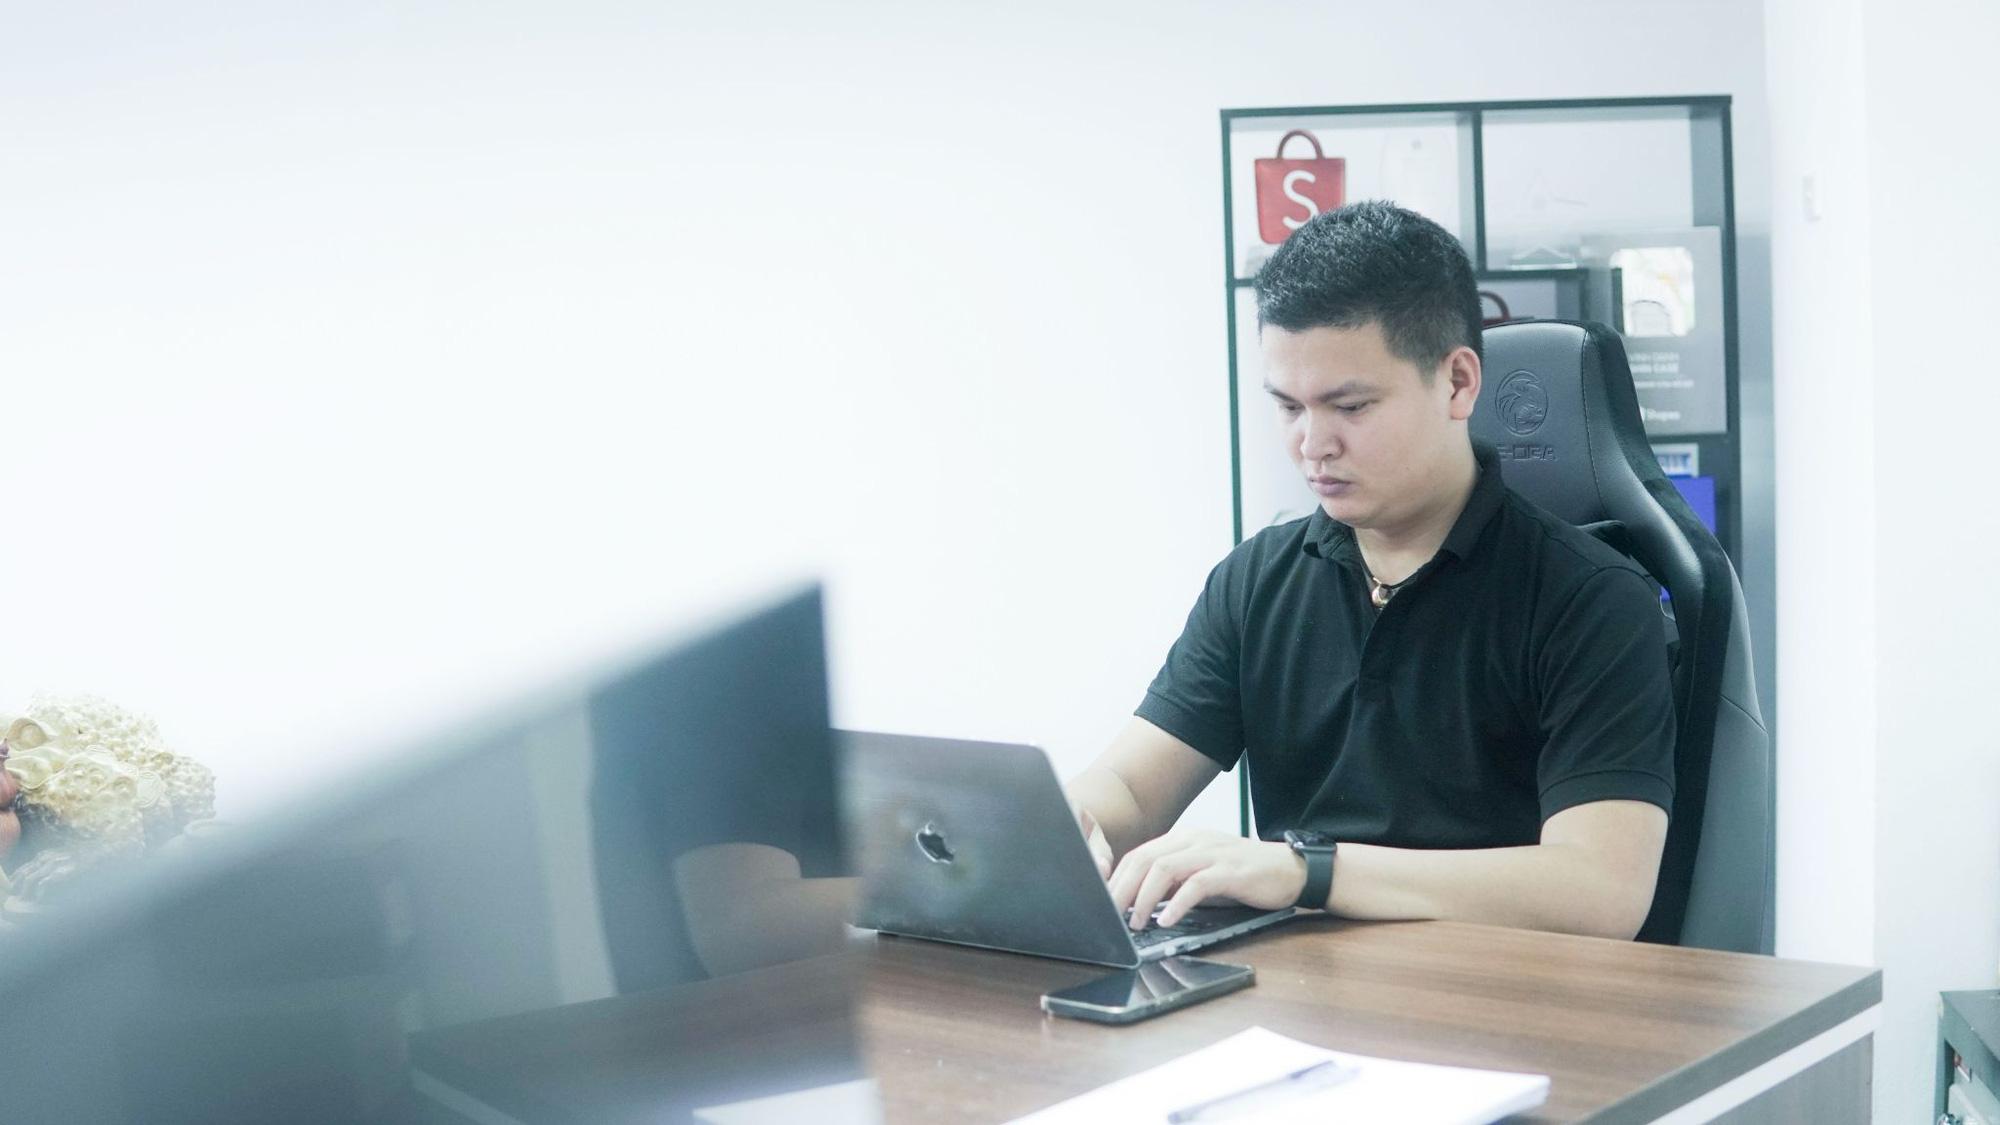 Lameco - cung cấp các giải pháp kinh doanh hiệu quả, xây dựng thương hiệu bền vững trên sàn TMĐT Việt Nam - Ảnh 3.